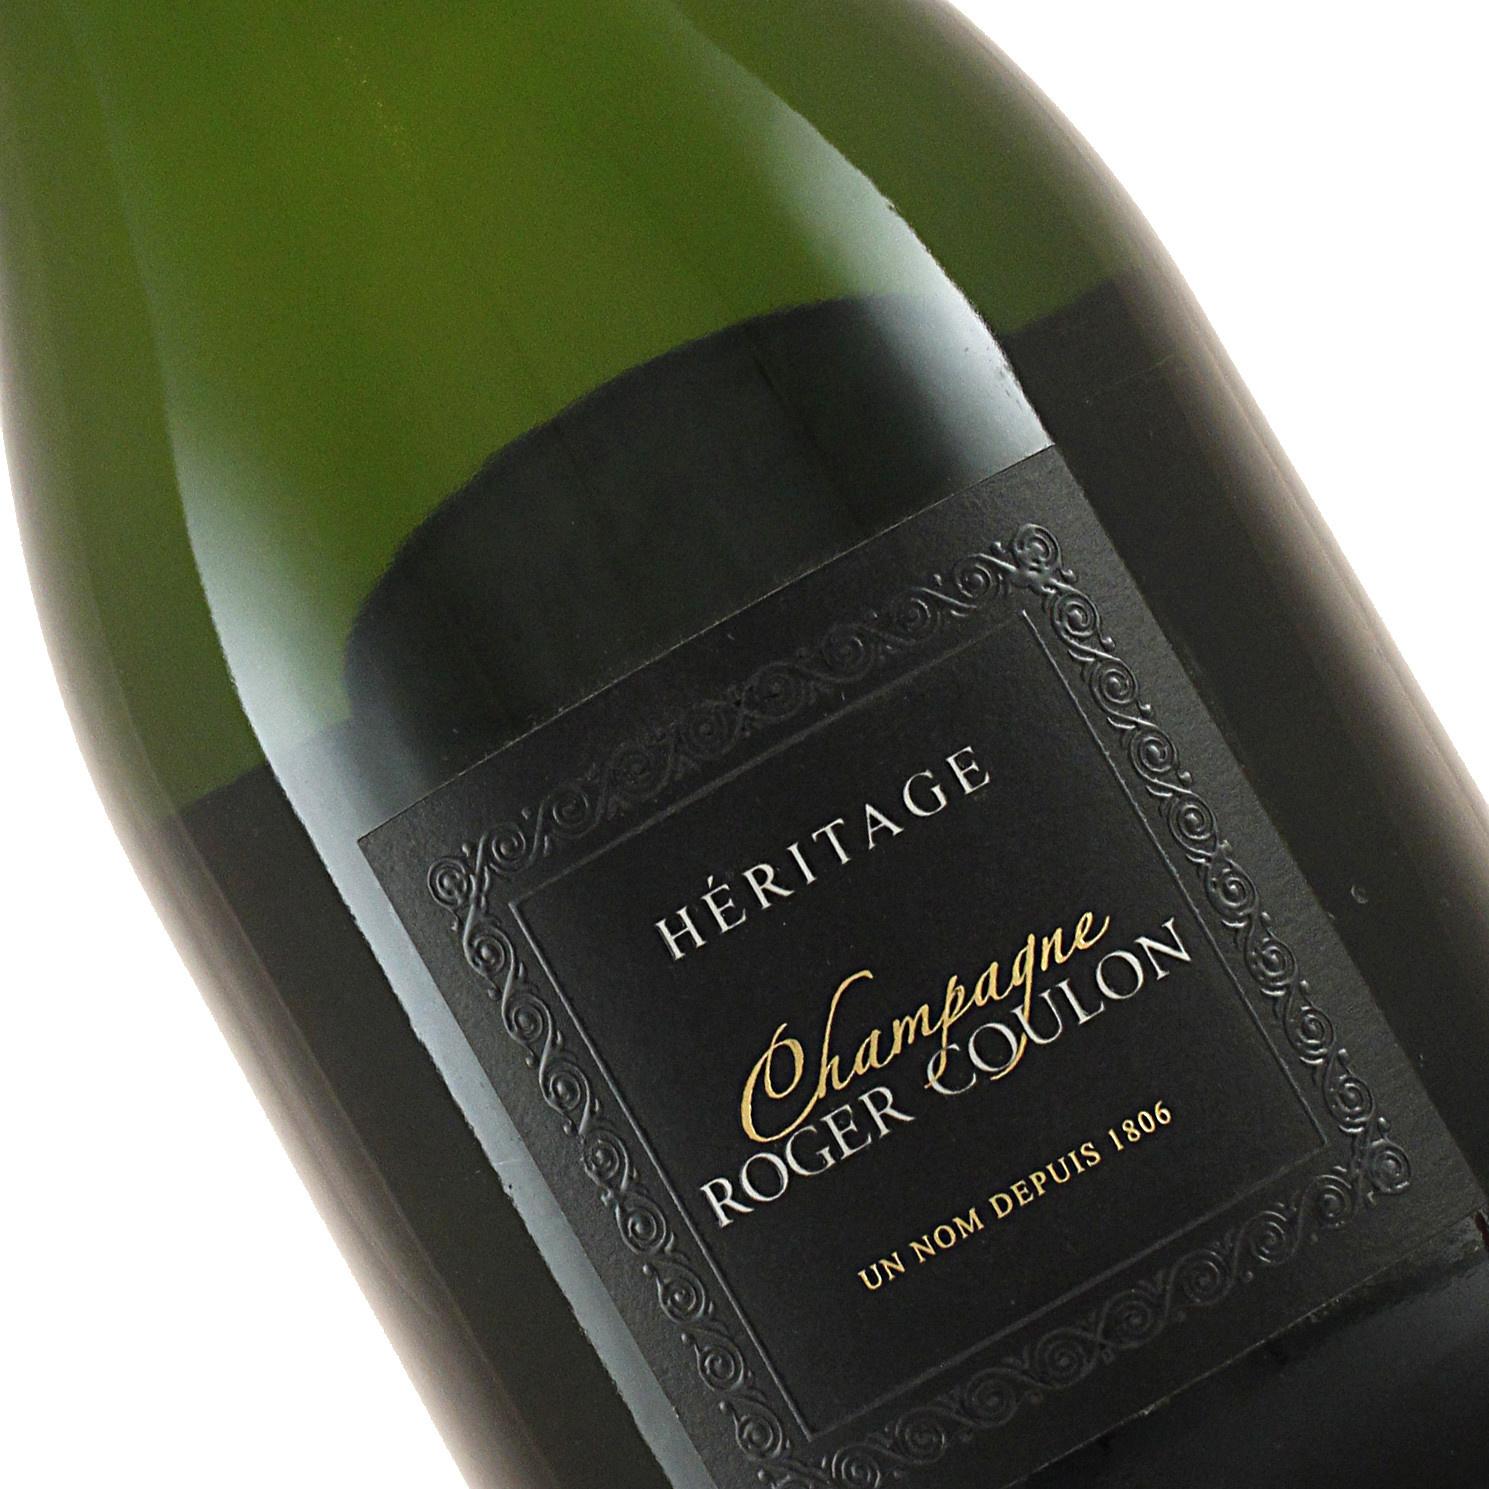 Roger Coulon NV Heritage 1er Cru, Champagne